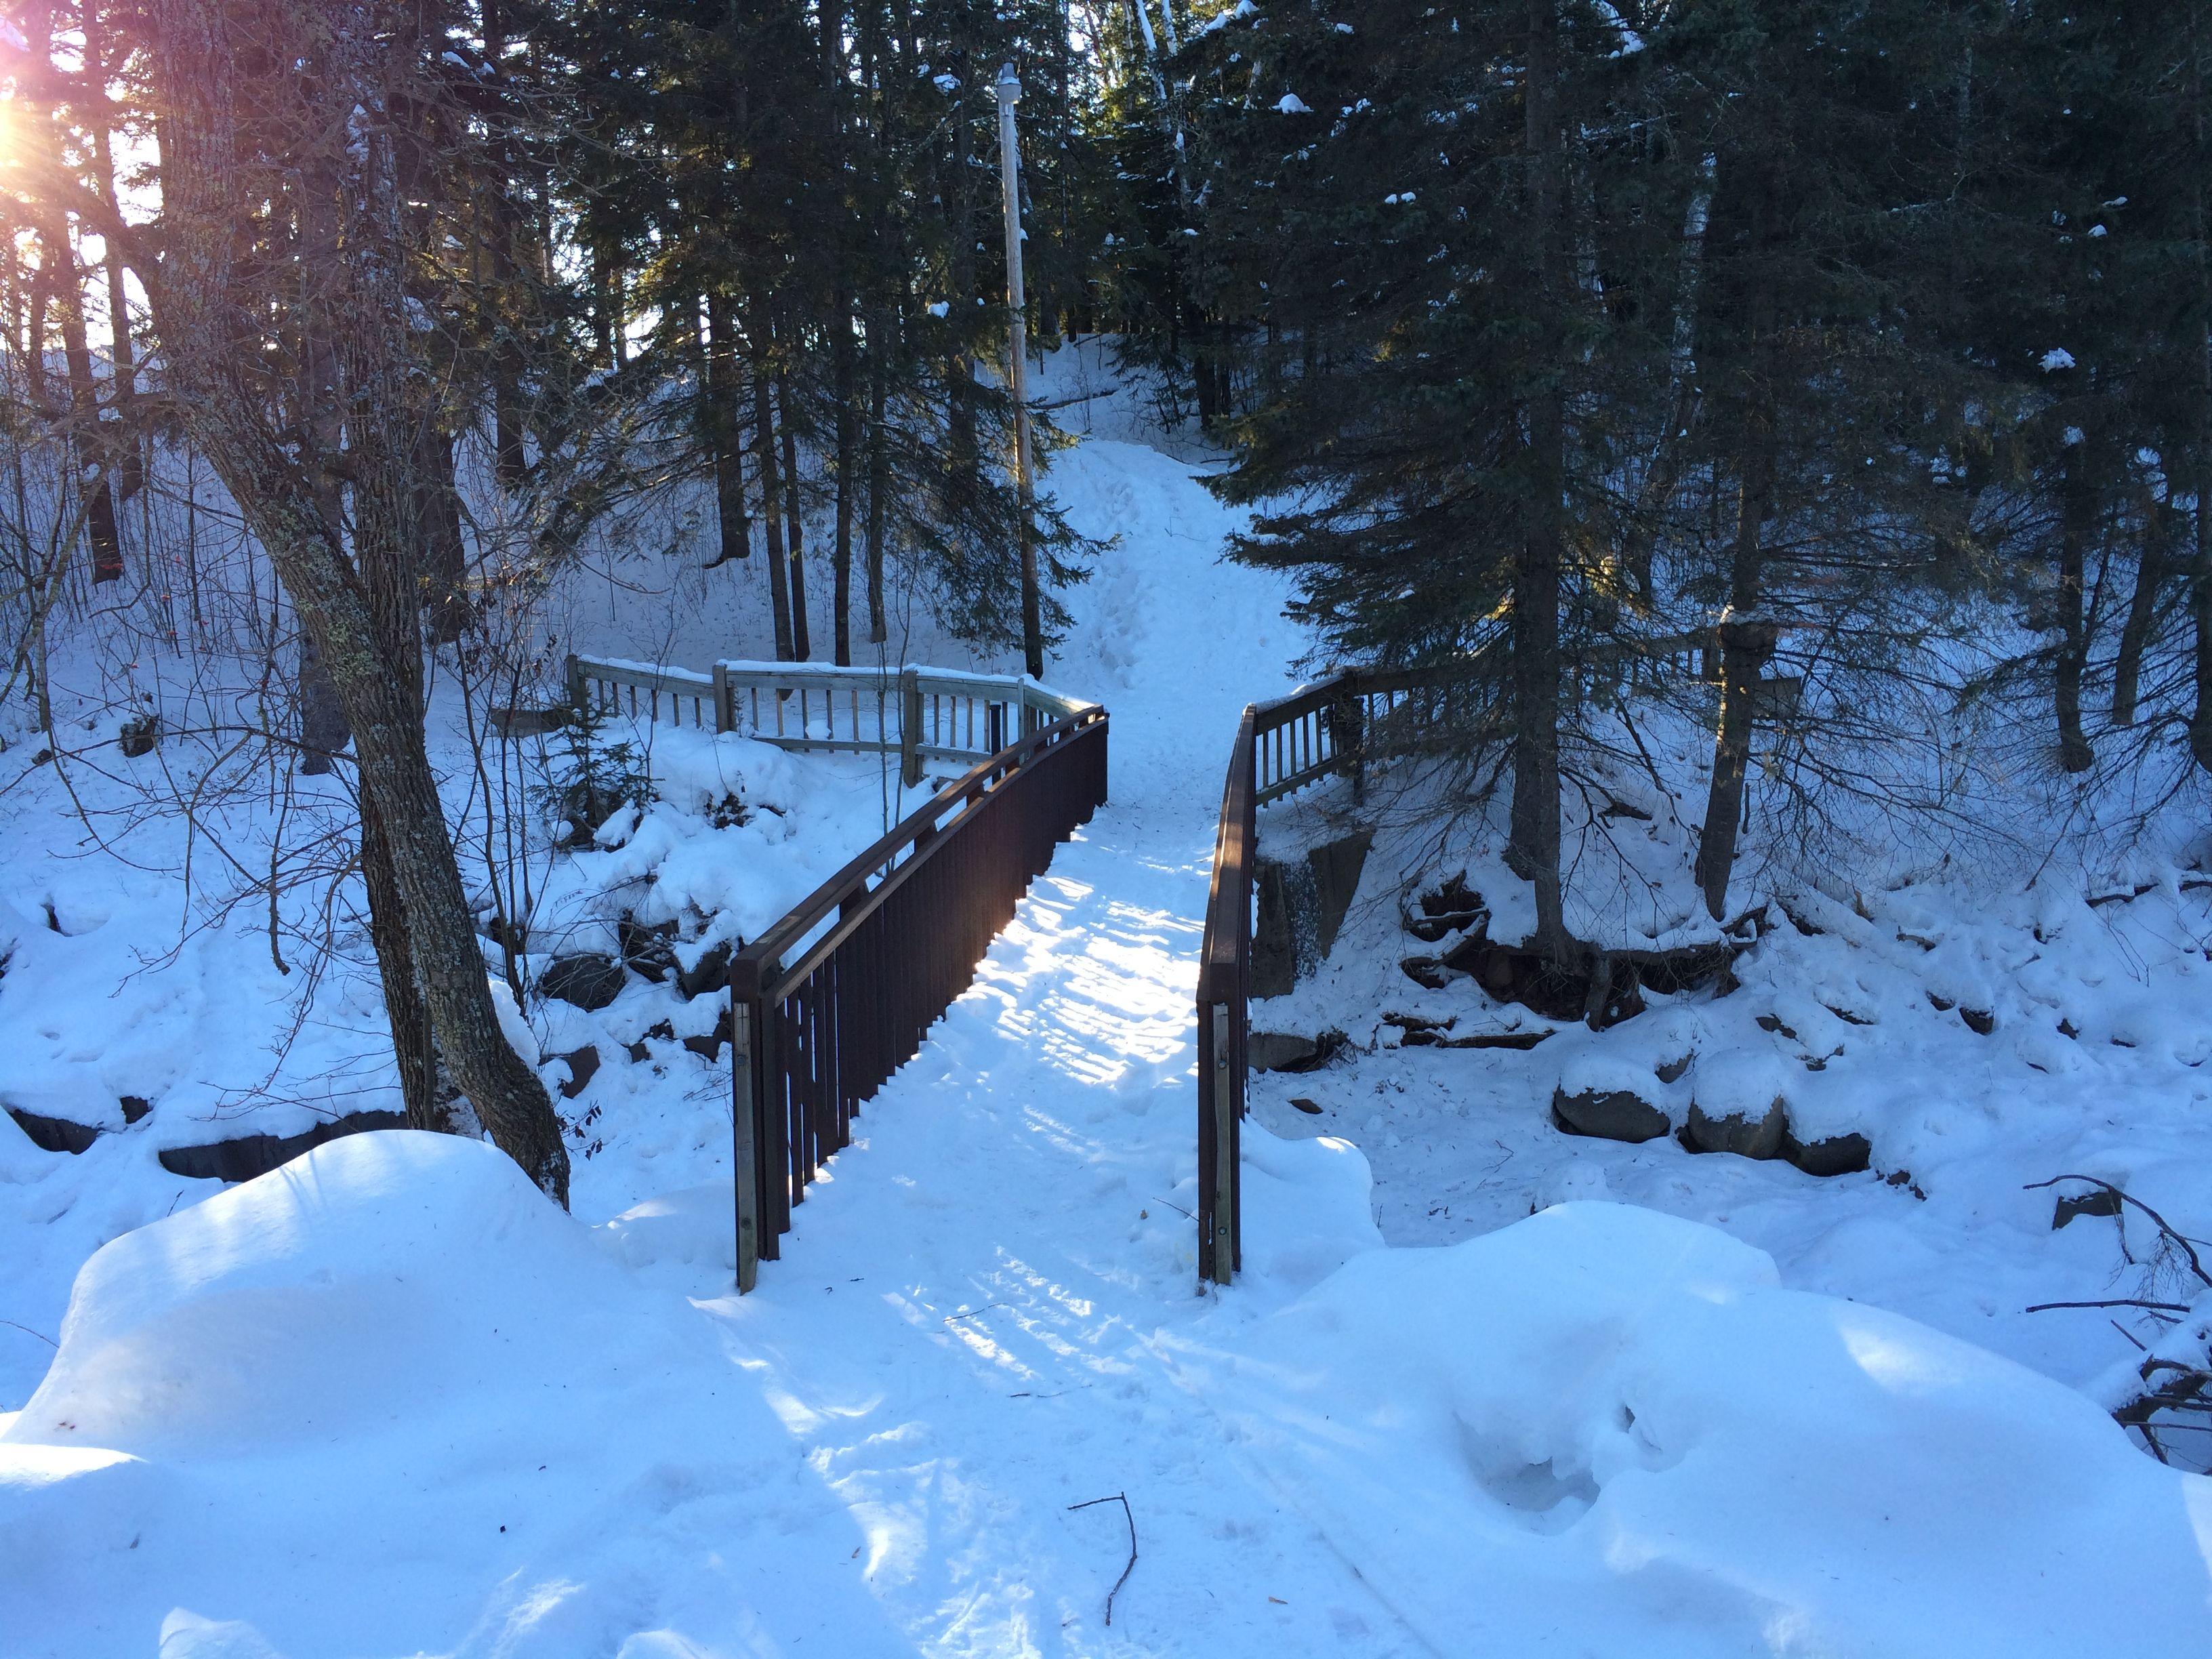 Winter Wonderland In Duluth Minnesota Winter Scenes Duluth Minnesota Duluth